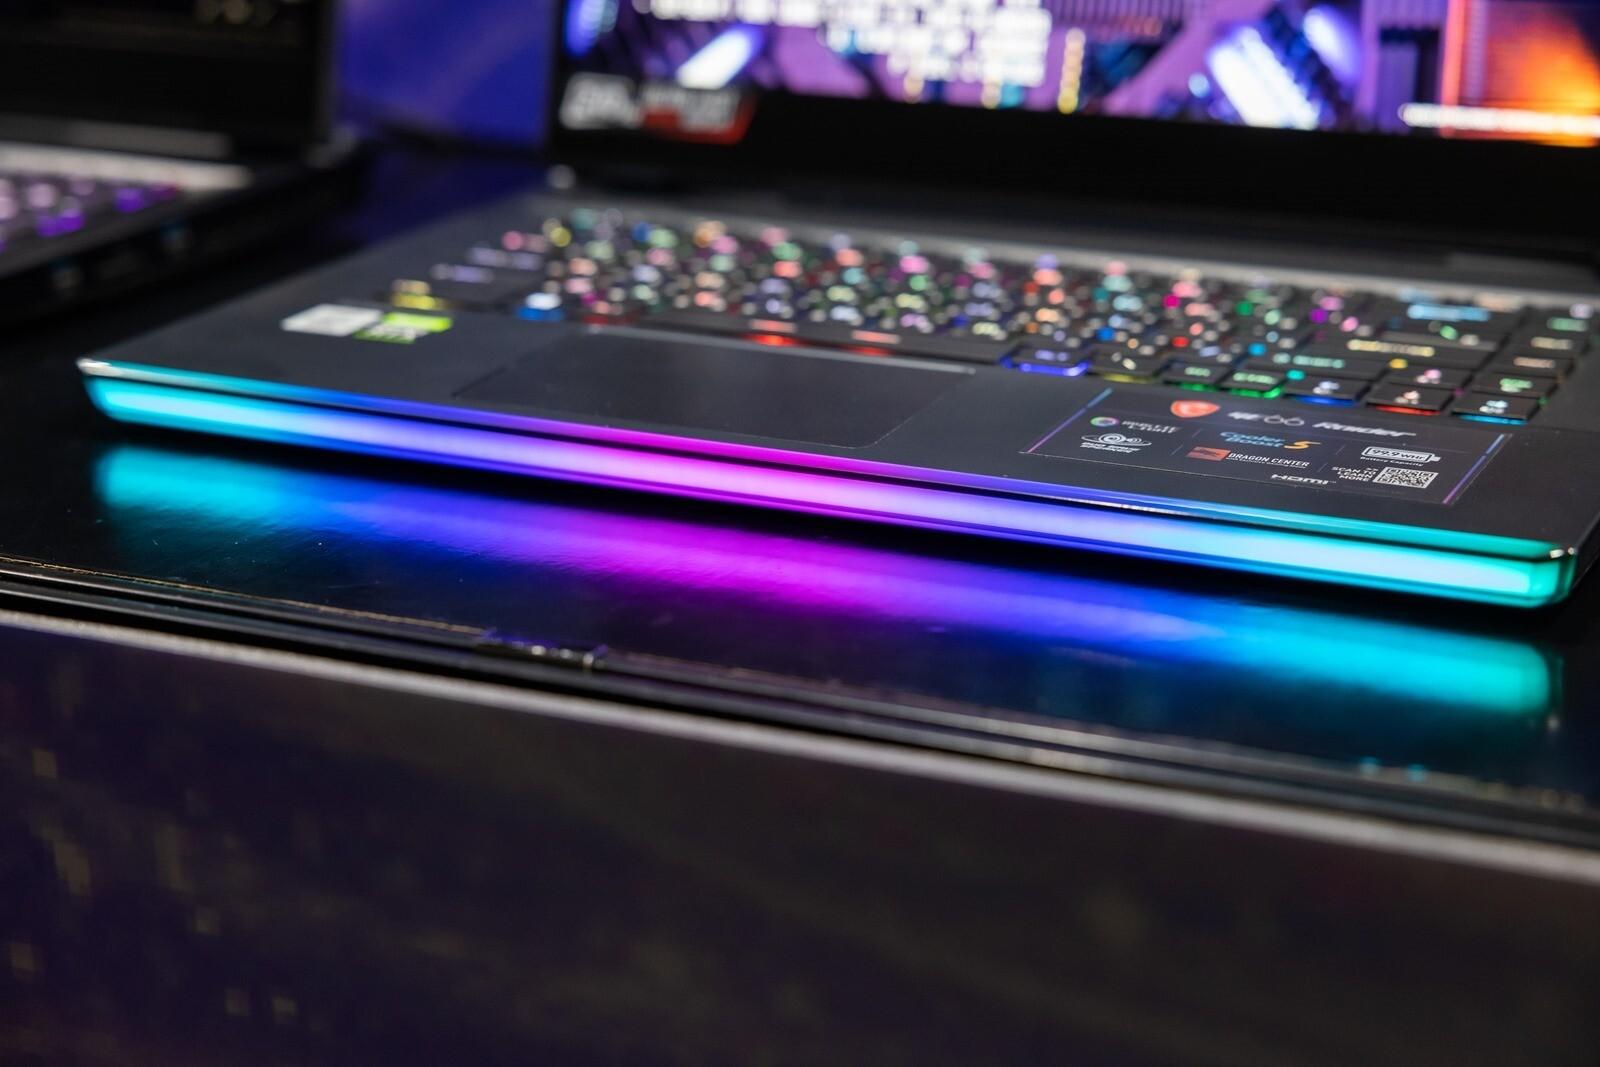 科技美學全新篇章!MSI 新世代筆電發表帶來第 11 代 Intel Core H 系列處理器最新機種與全新設計 @3C 達人廖阿輝